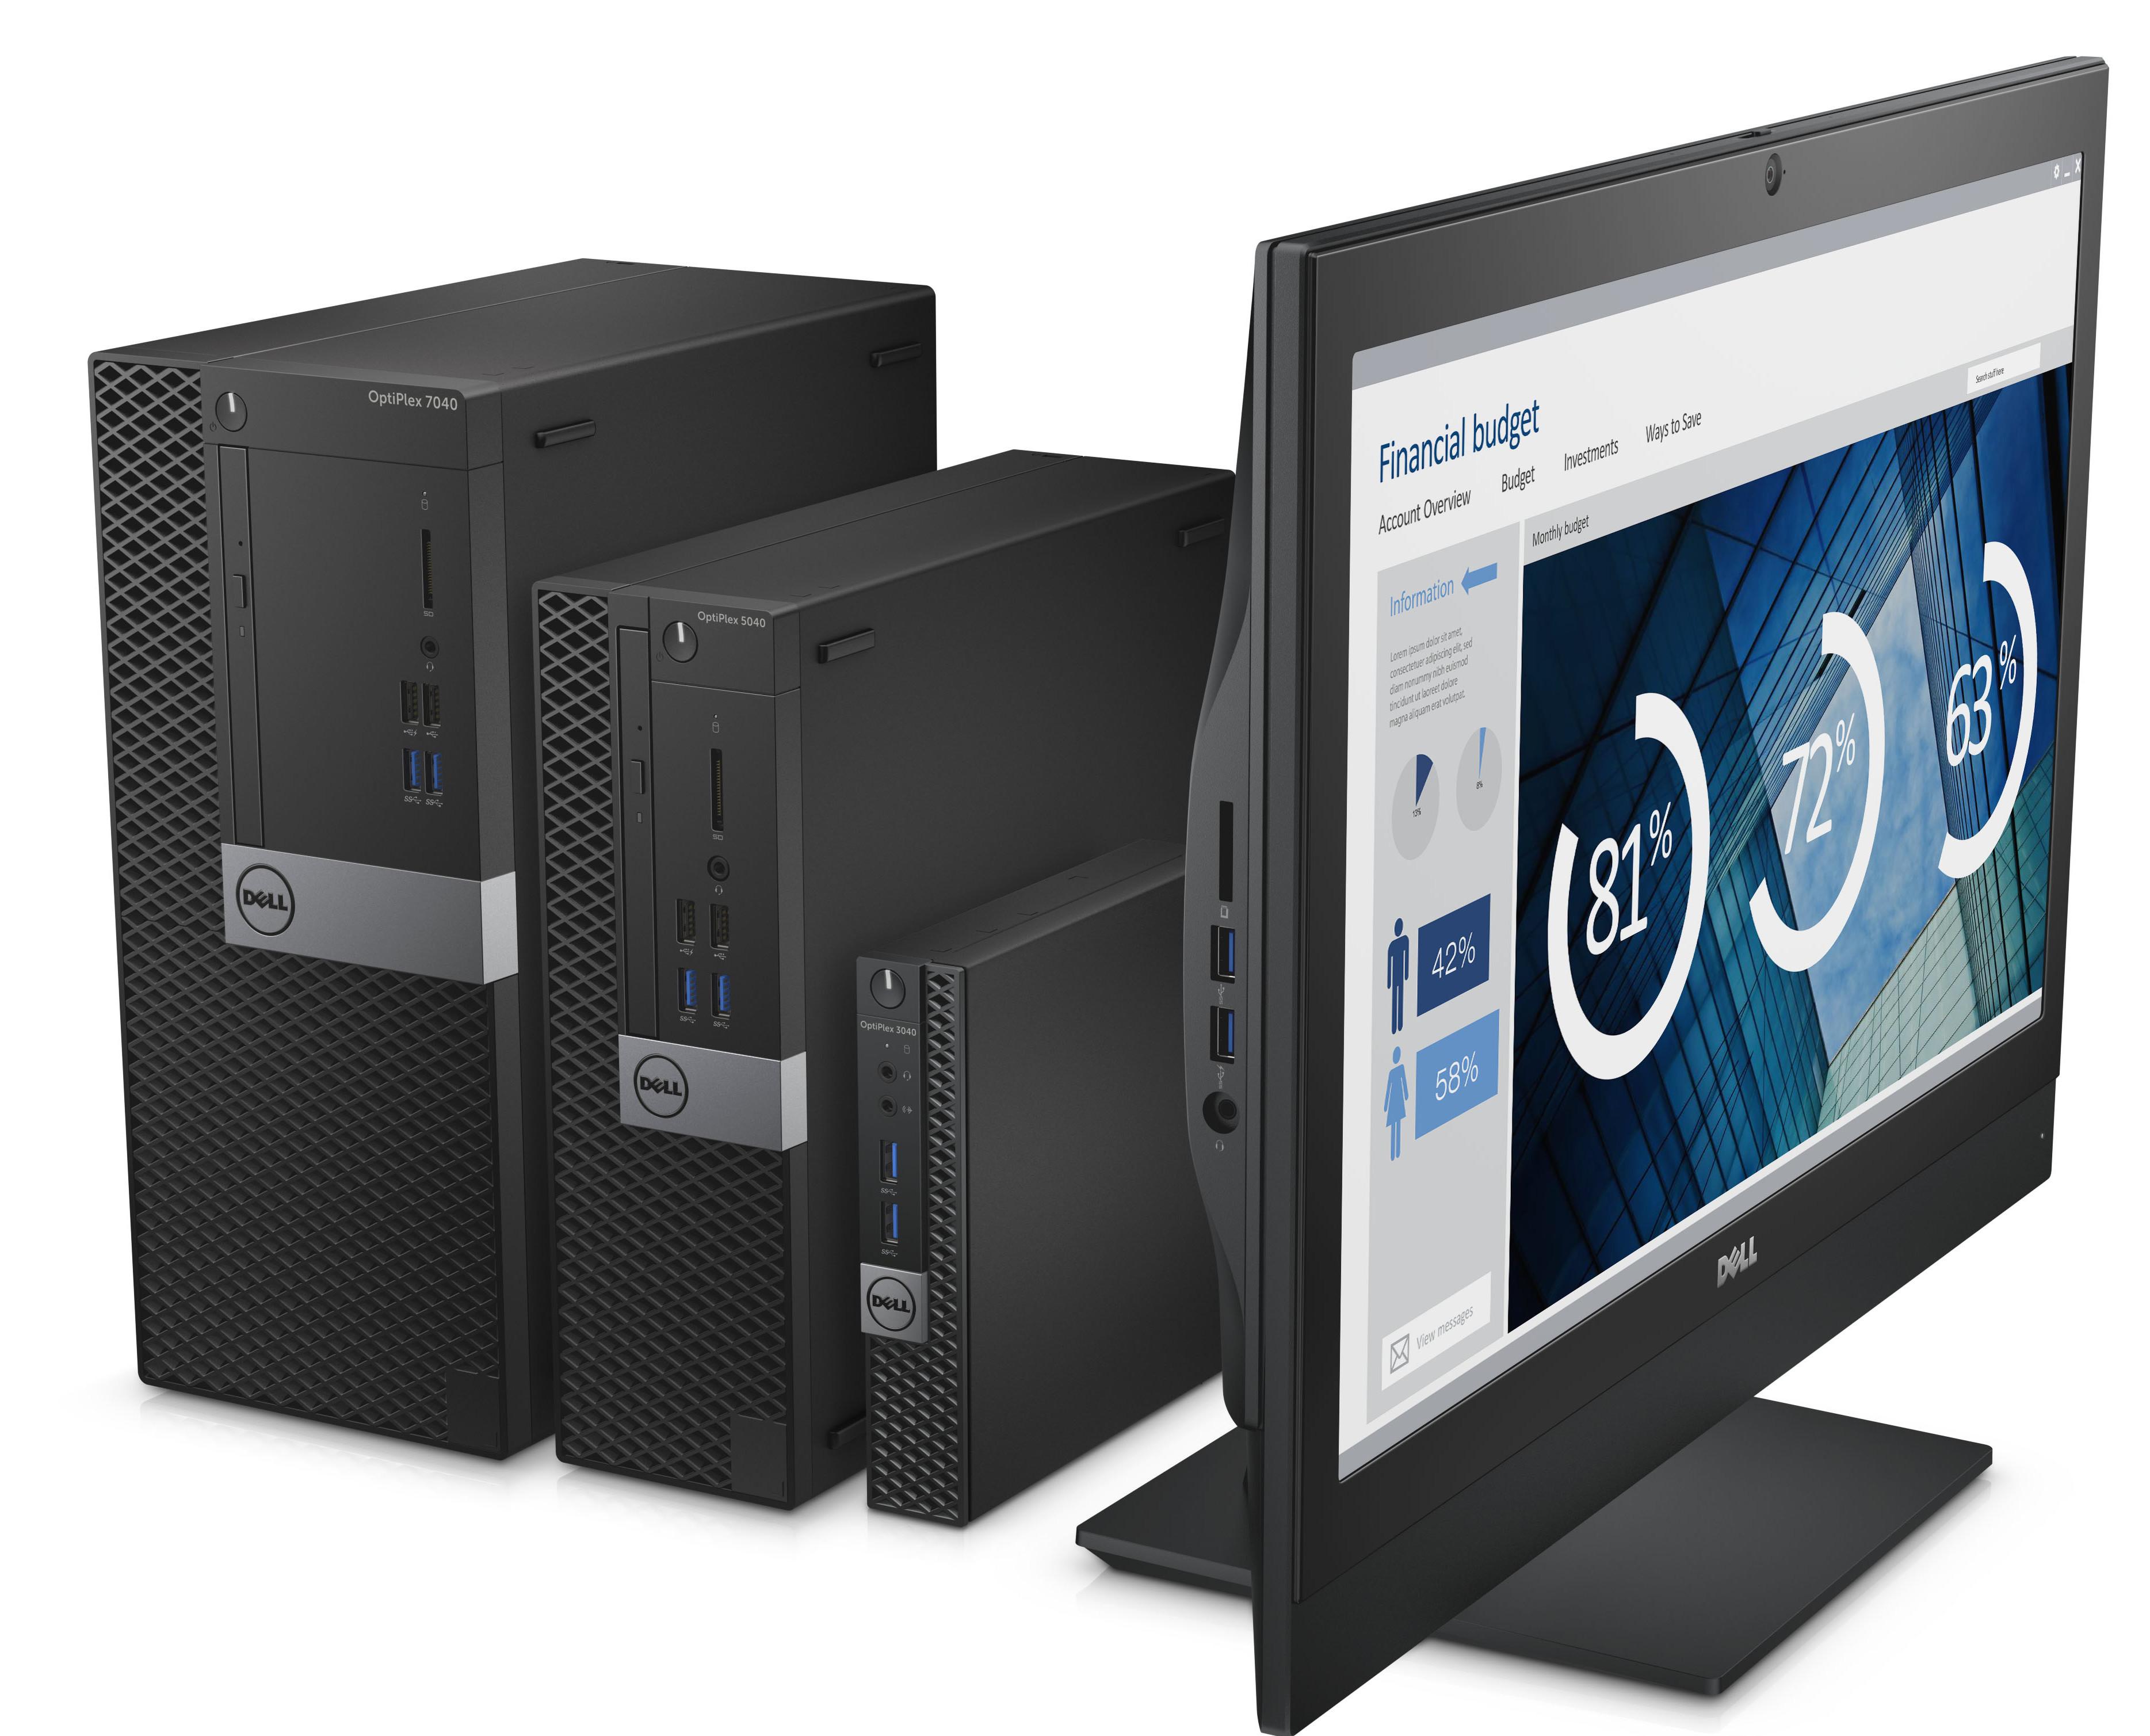 Dell Refreshes Its Optiplex Desktop Lineup